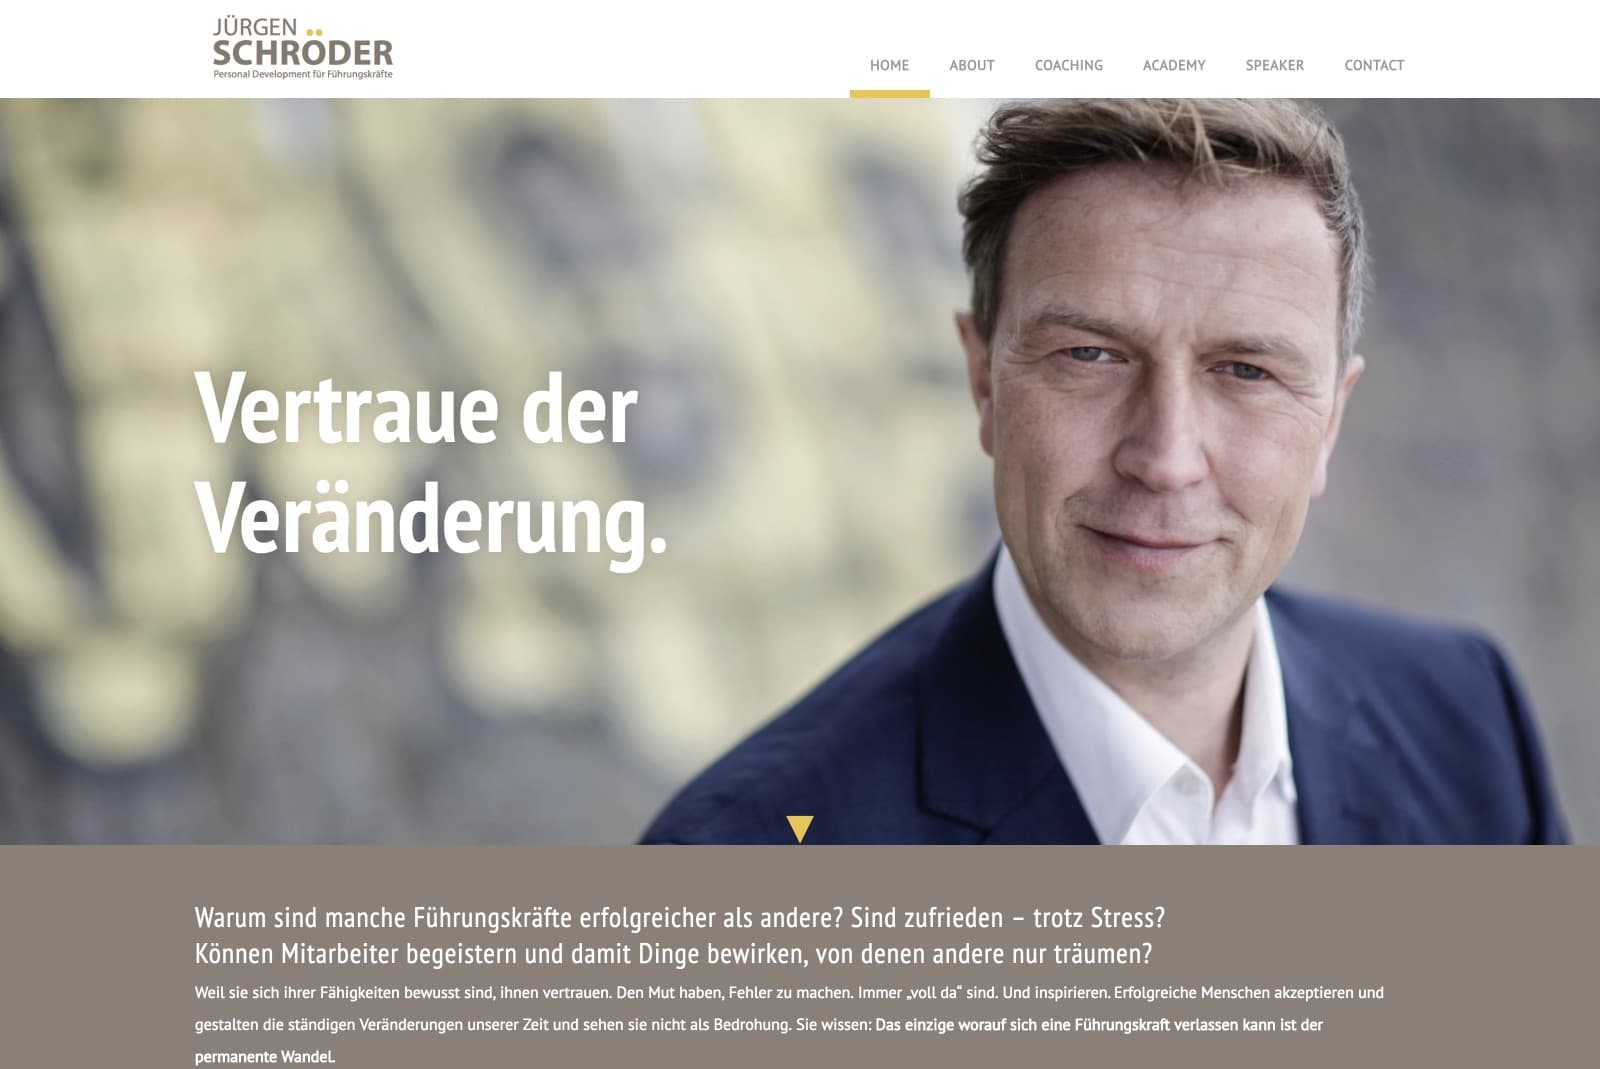 Jürgen Schröder – Personal Development für Führungskräfte